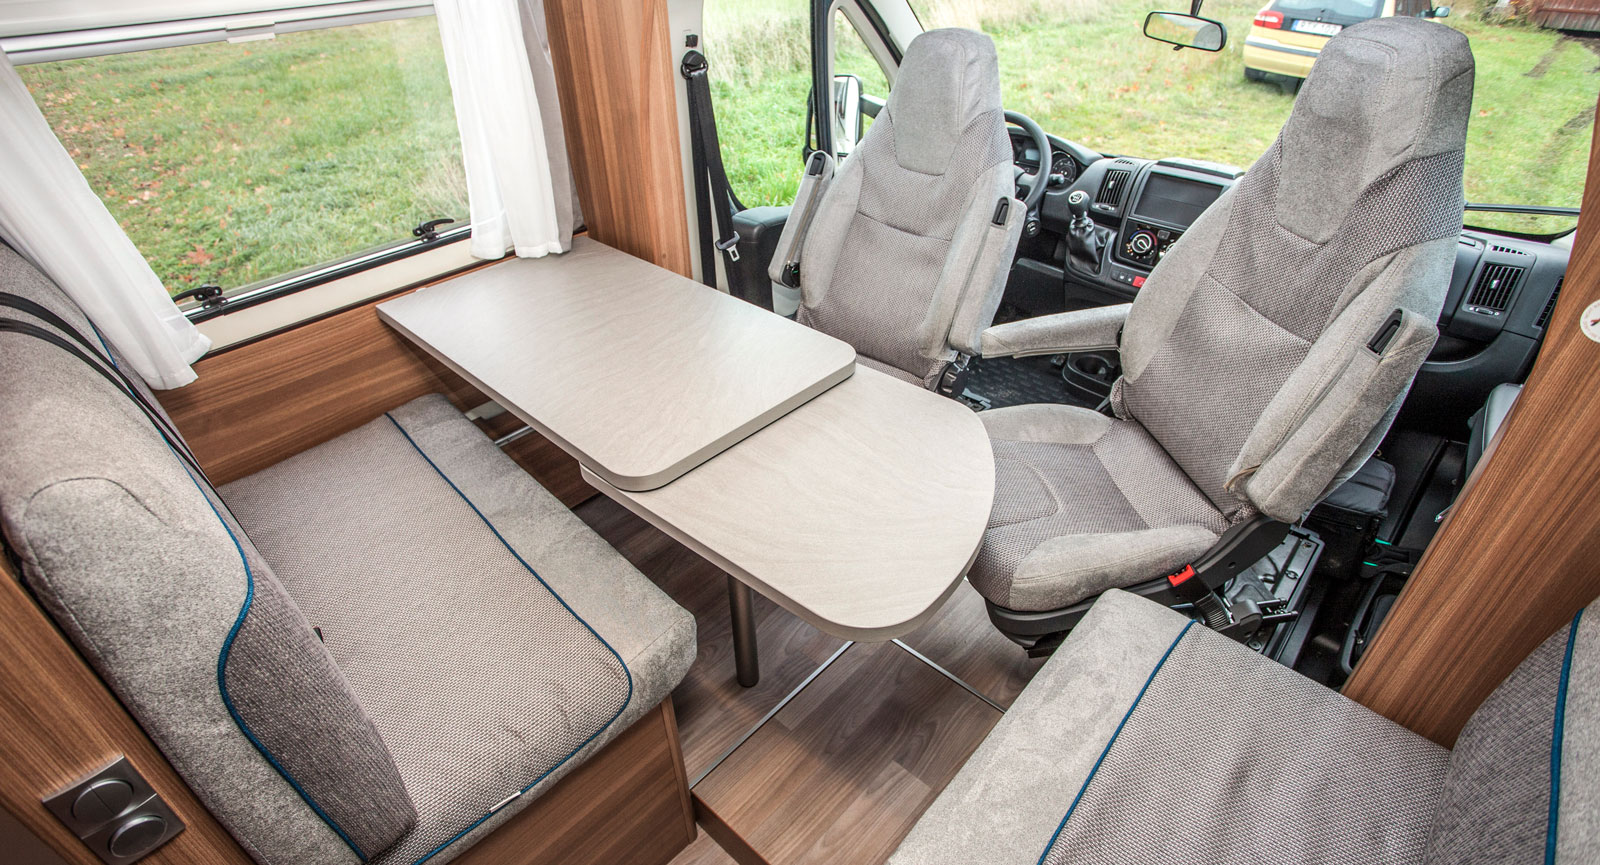 Ljus och härlig sittgrupp med gott om plats för umgänge. Lägg märke till den mobila luckan i golvet framför passagerarstolen.